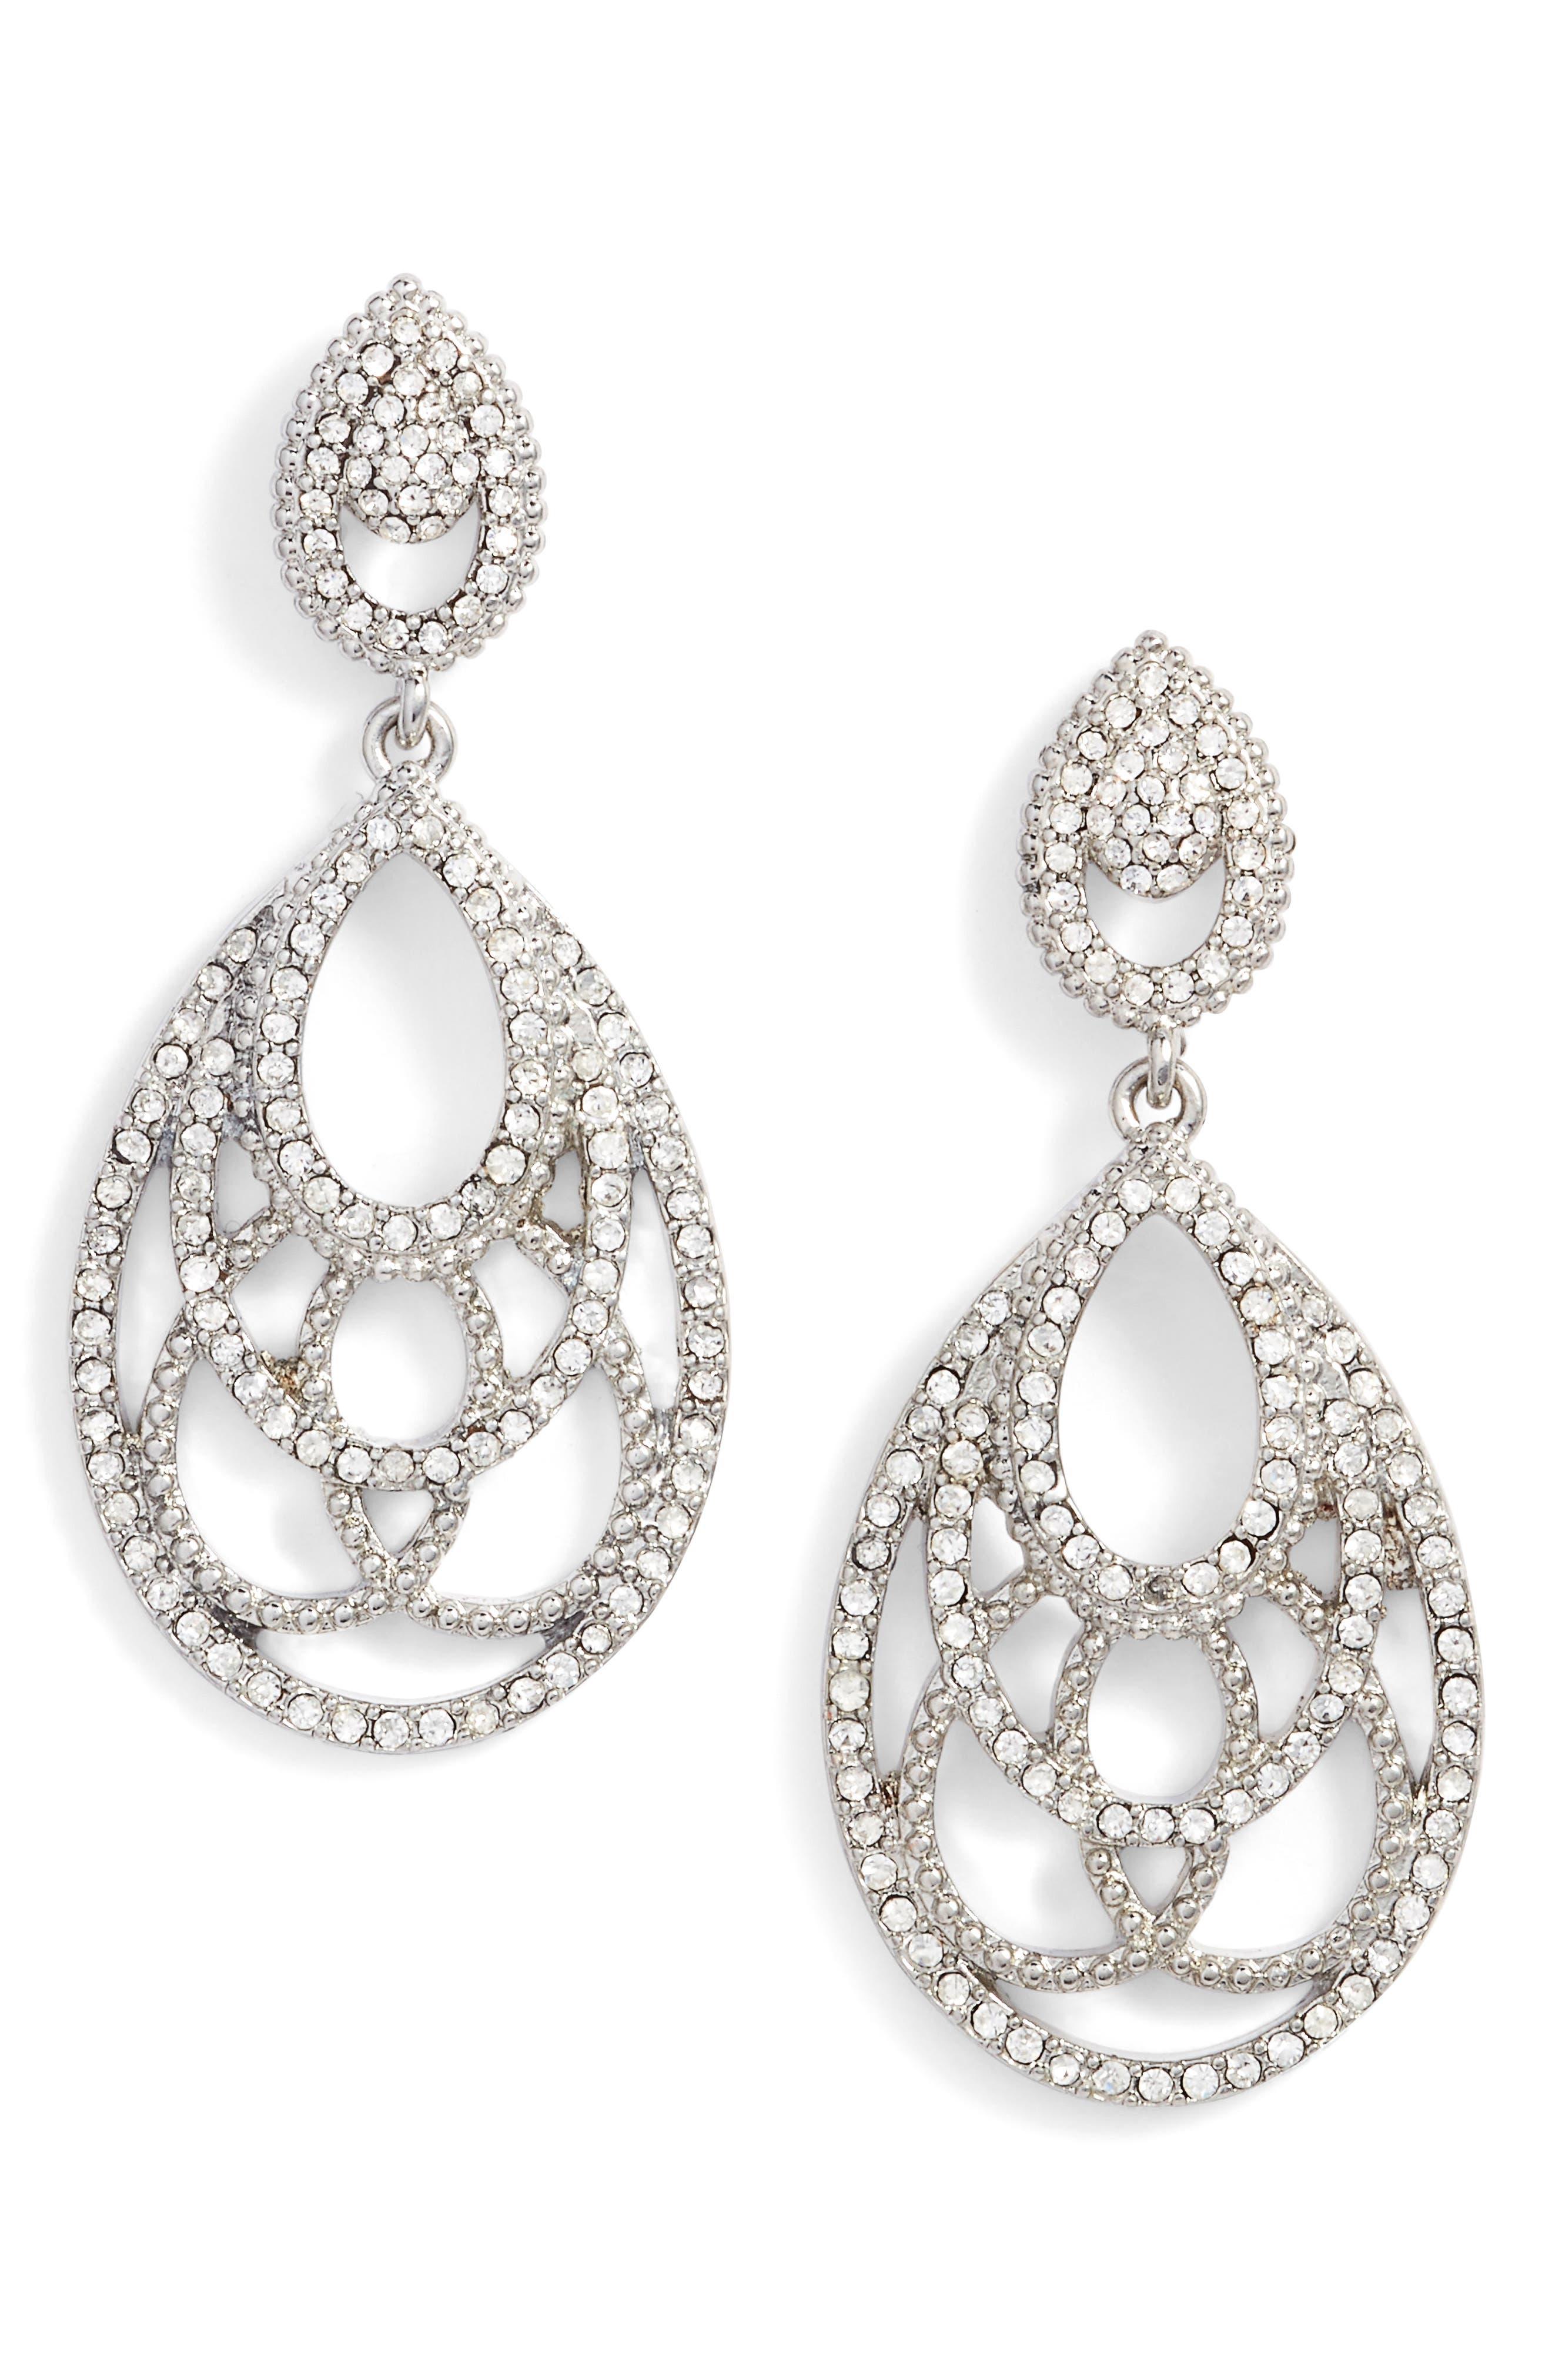 Openwork Crystal Drop Earrings,                         Main,                         color, Crystal/ Silver